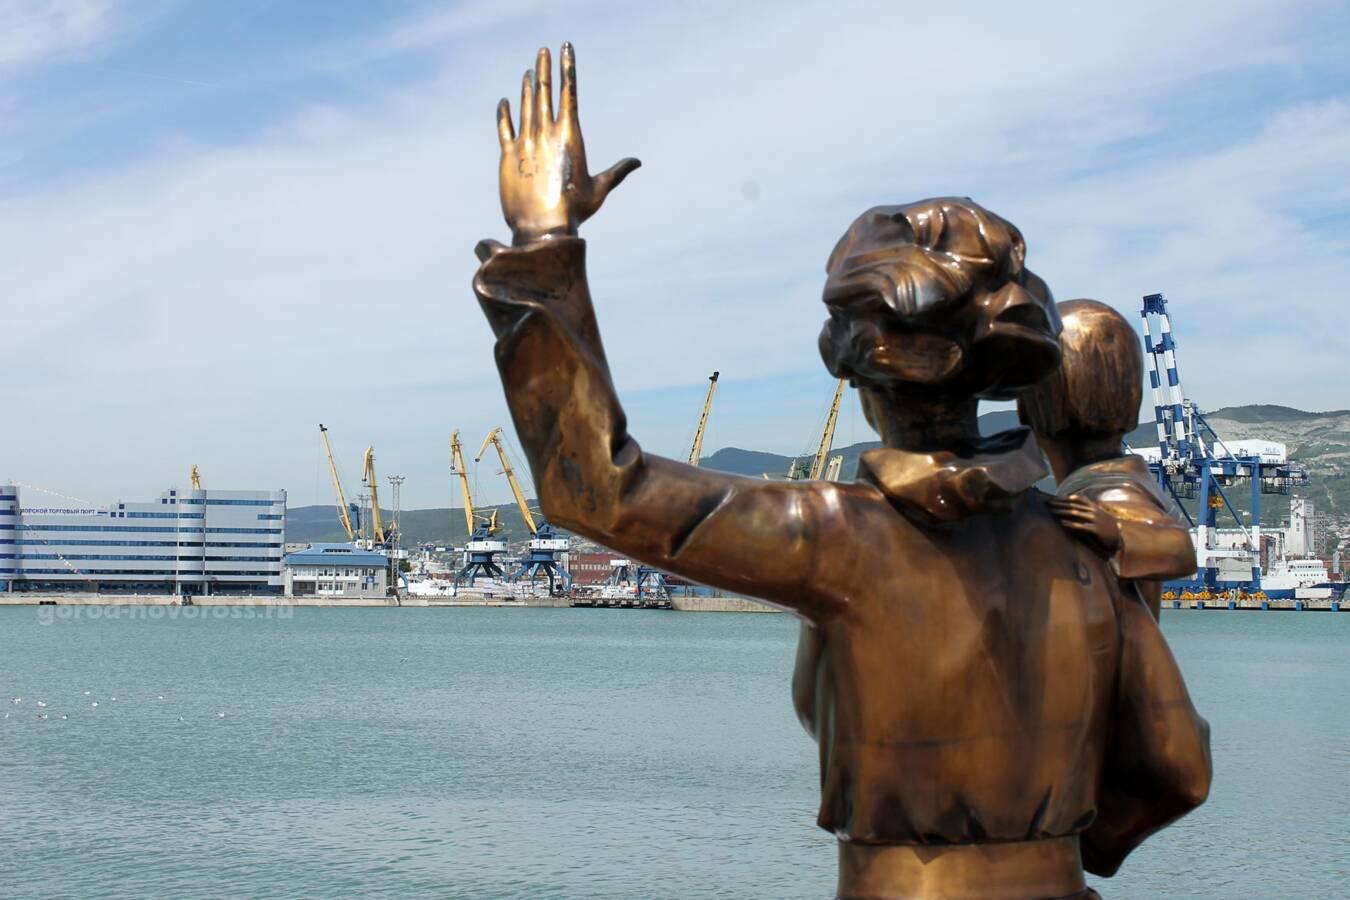 Памятник жене моряка Одесса